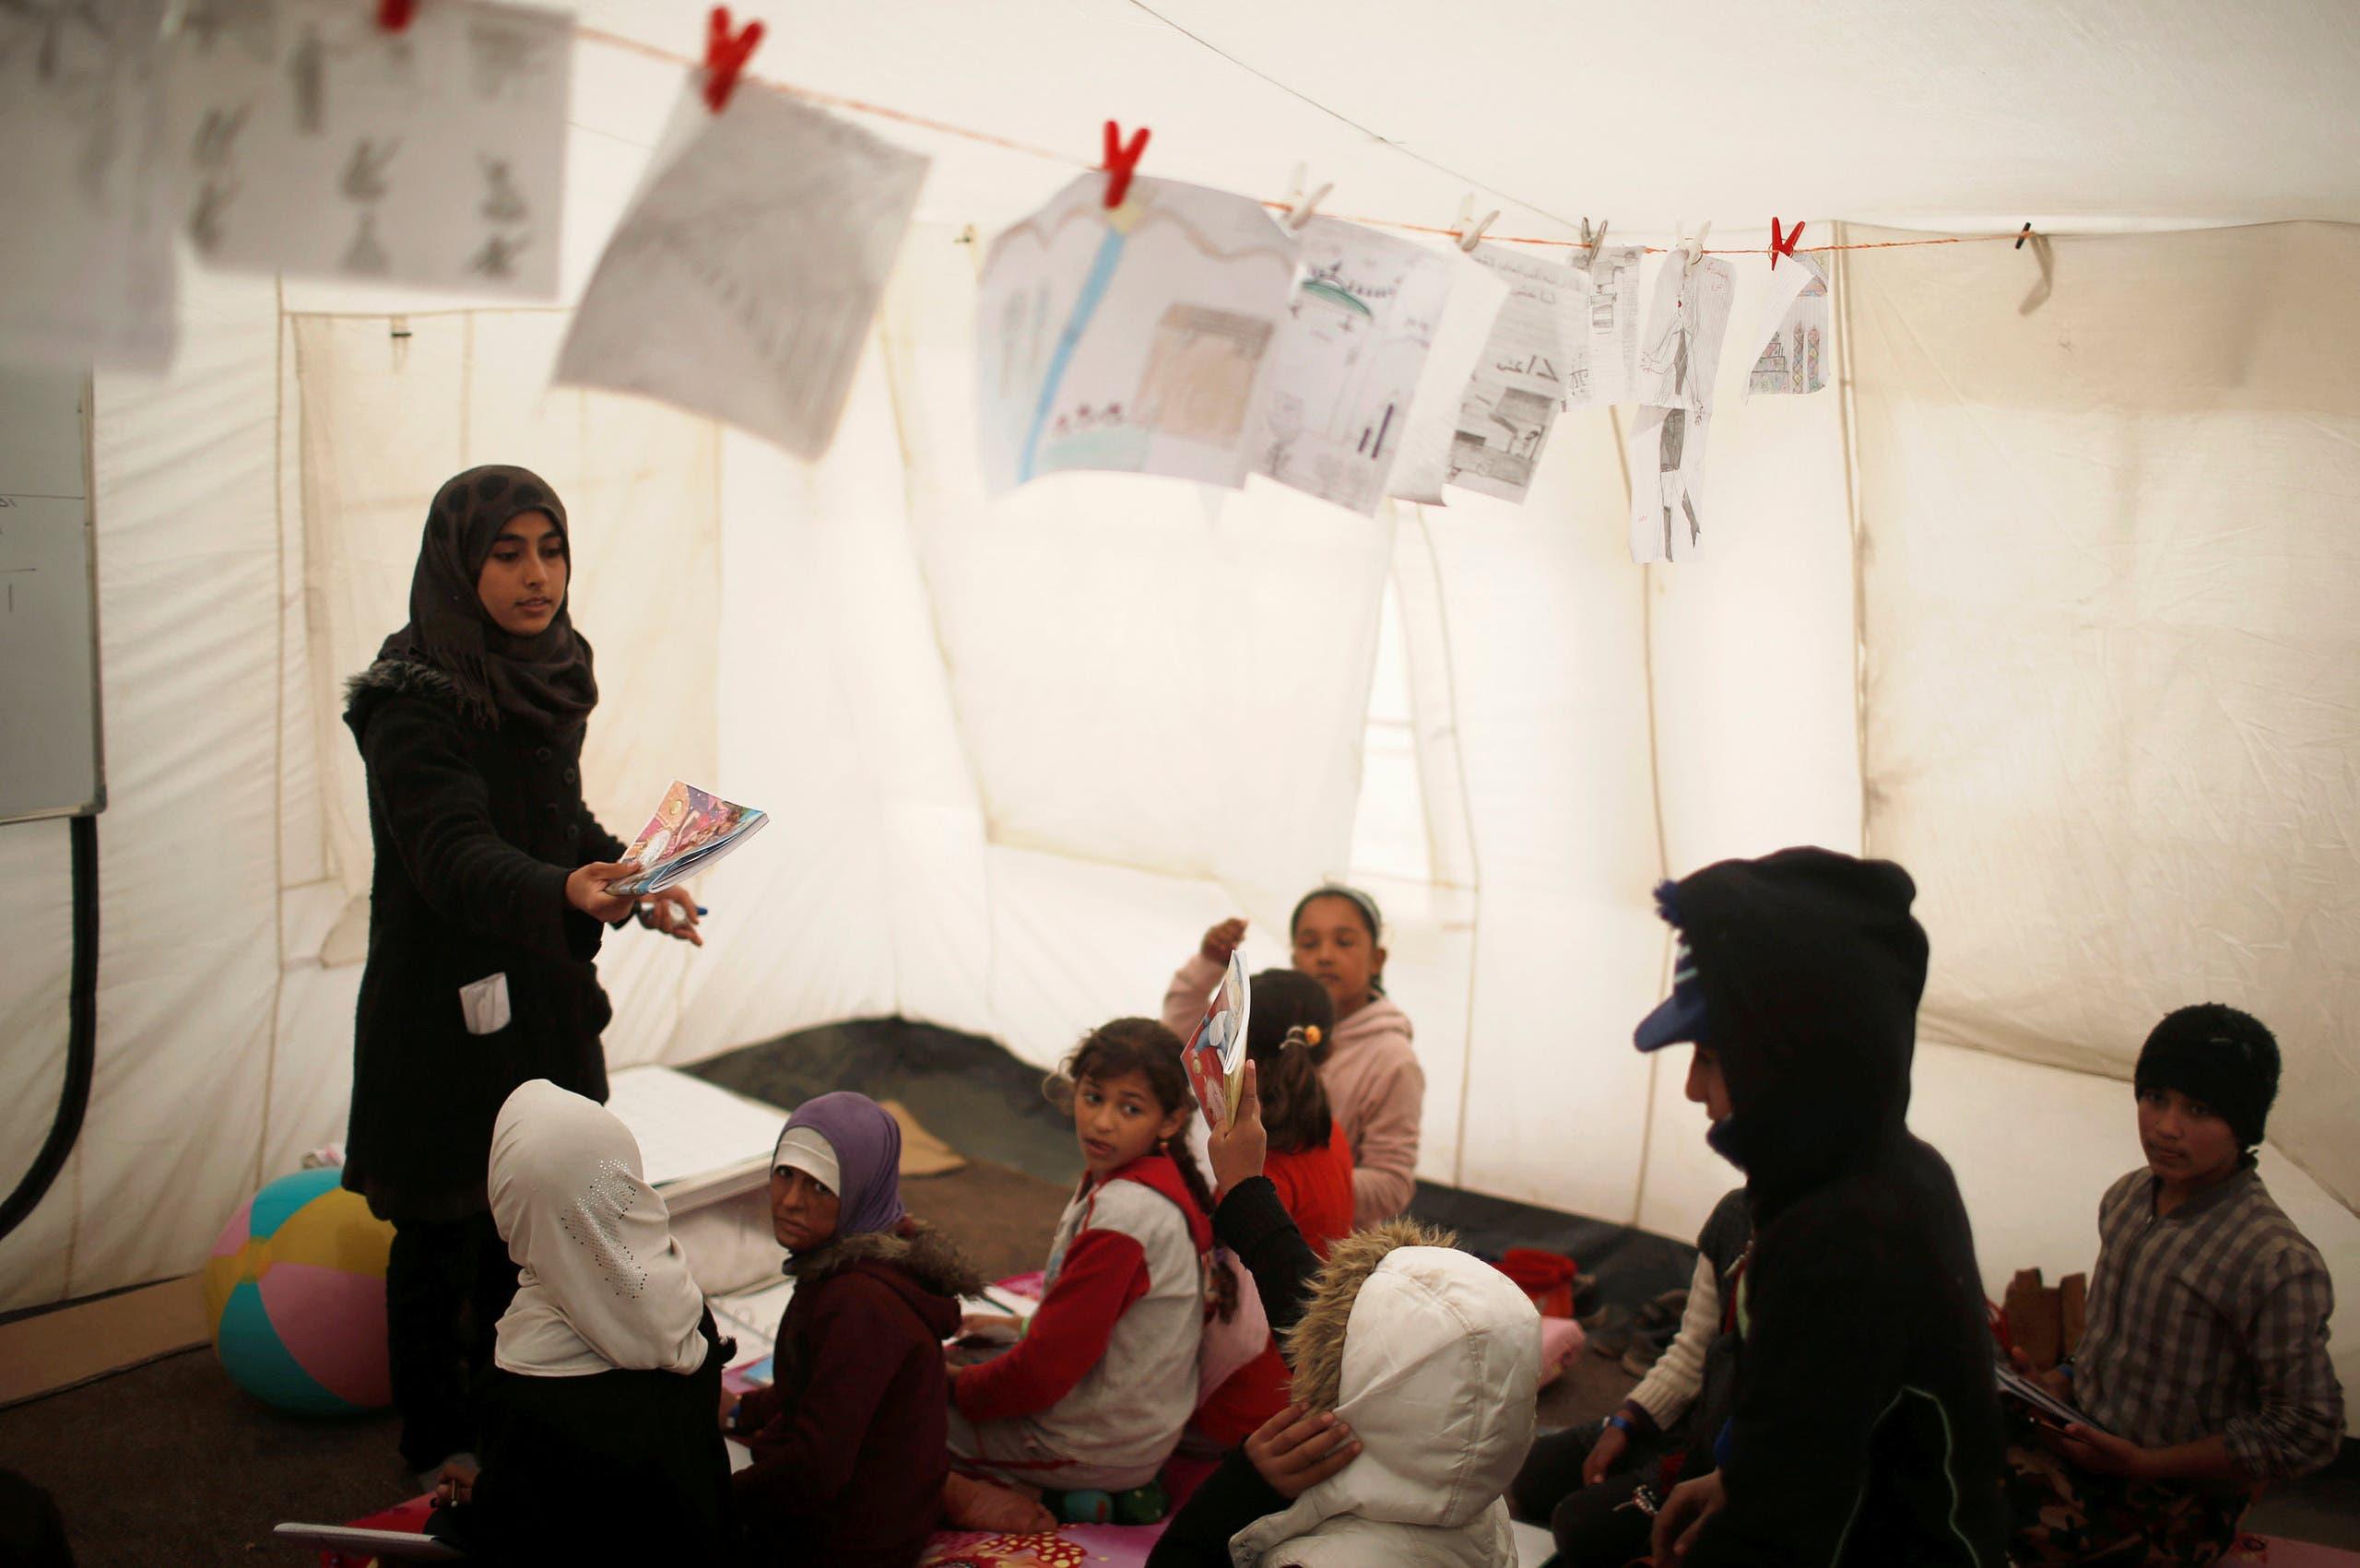 أطفال نازحون من الموصل داخل مدرسة في مخيم نزوحهم